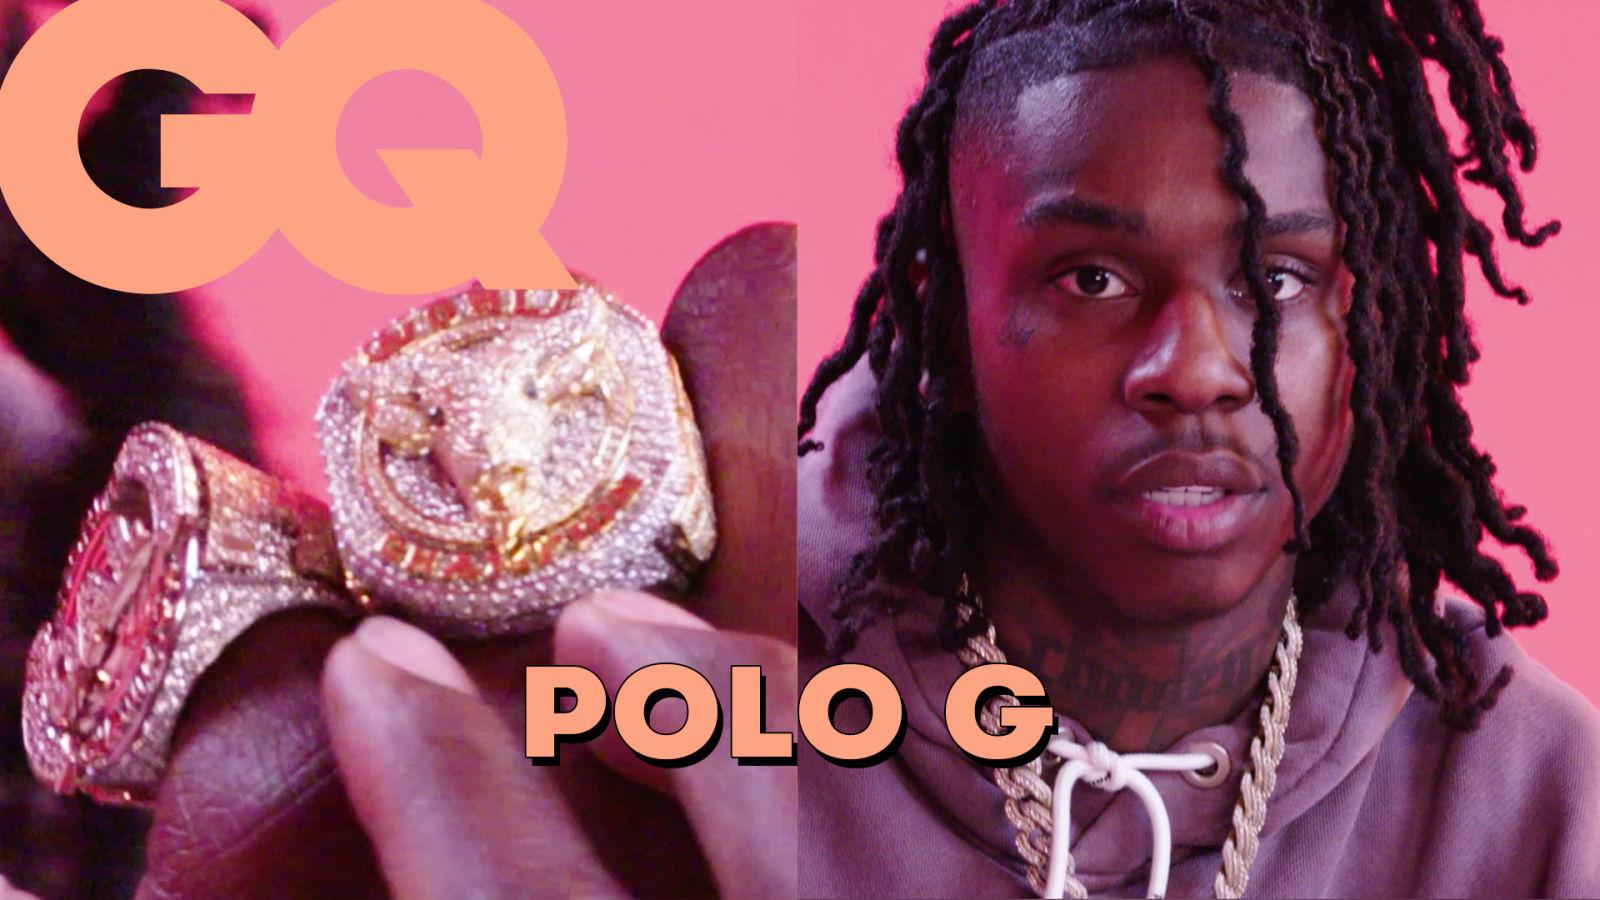 Polo G dévoile son incroyable collection de bijoux : Rolex, Audemars Piguet, NBA